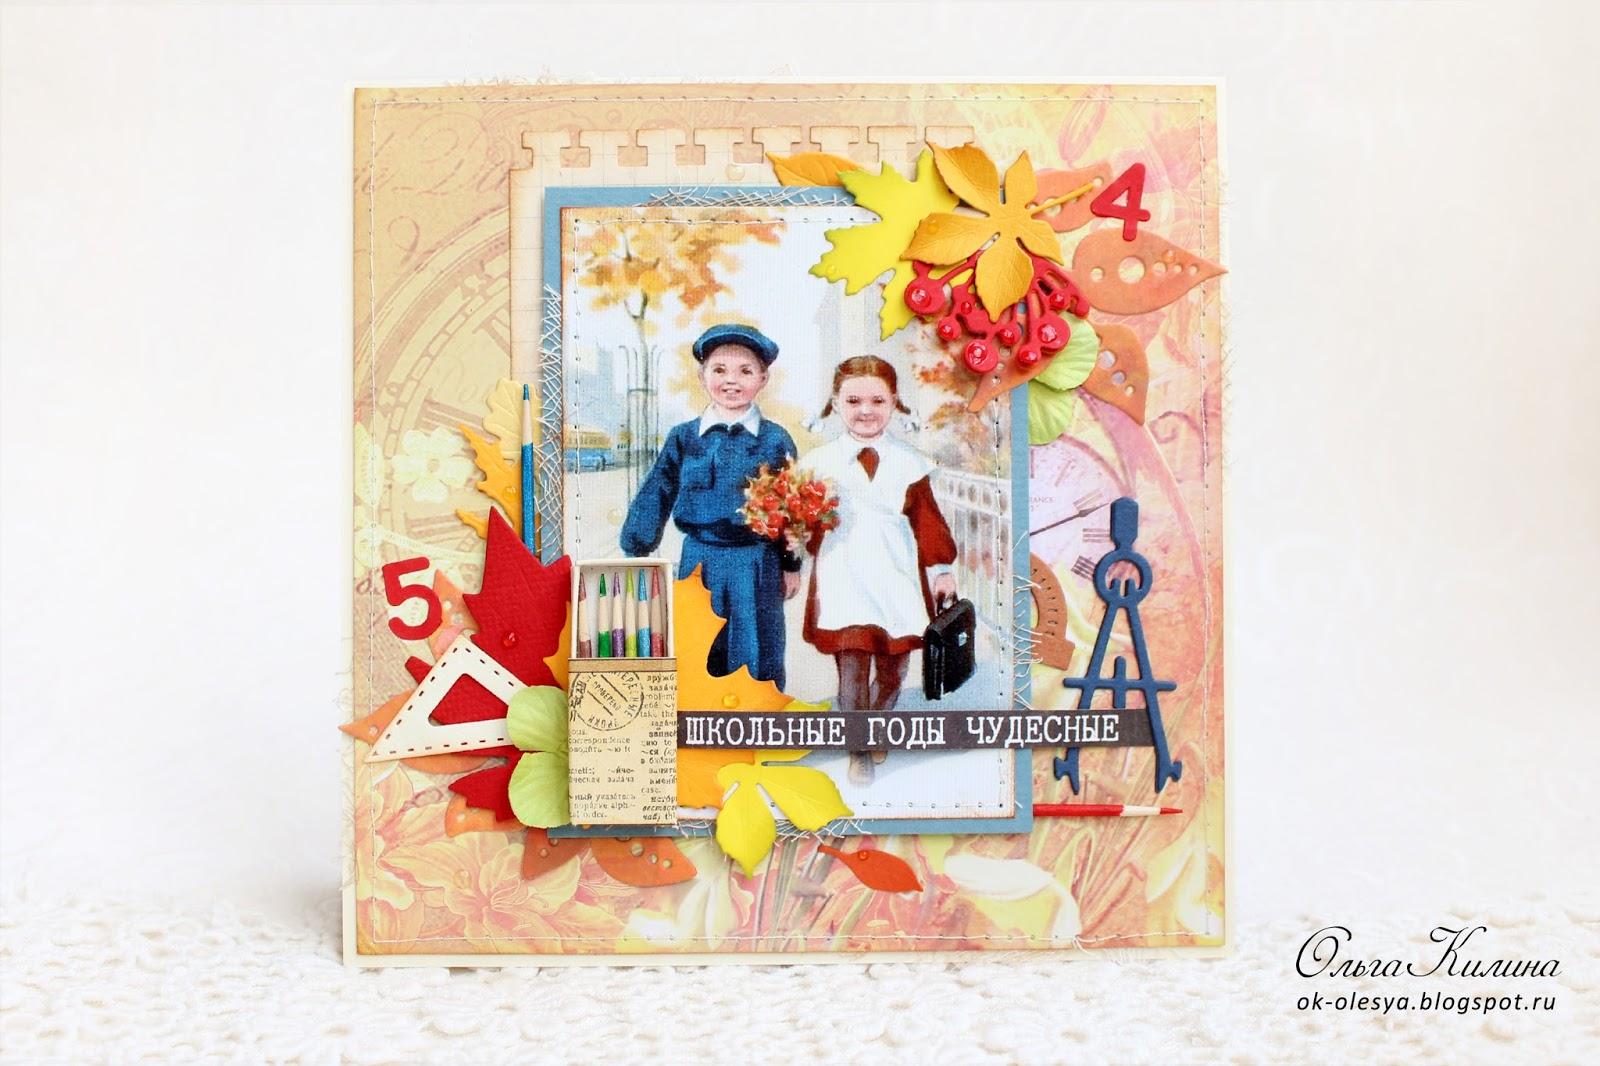 Картинки для школьной открытки